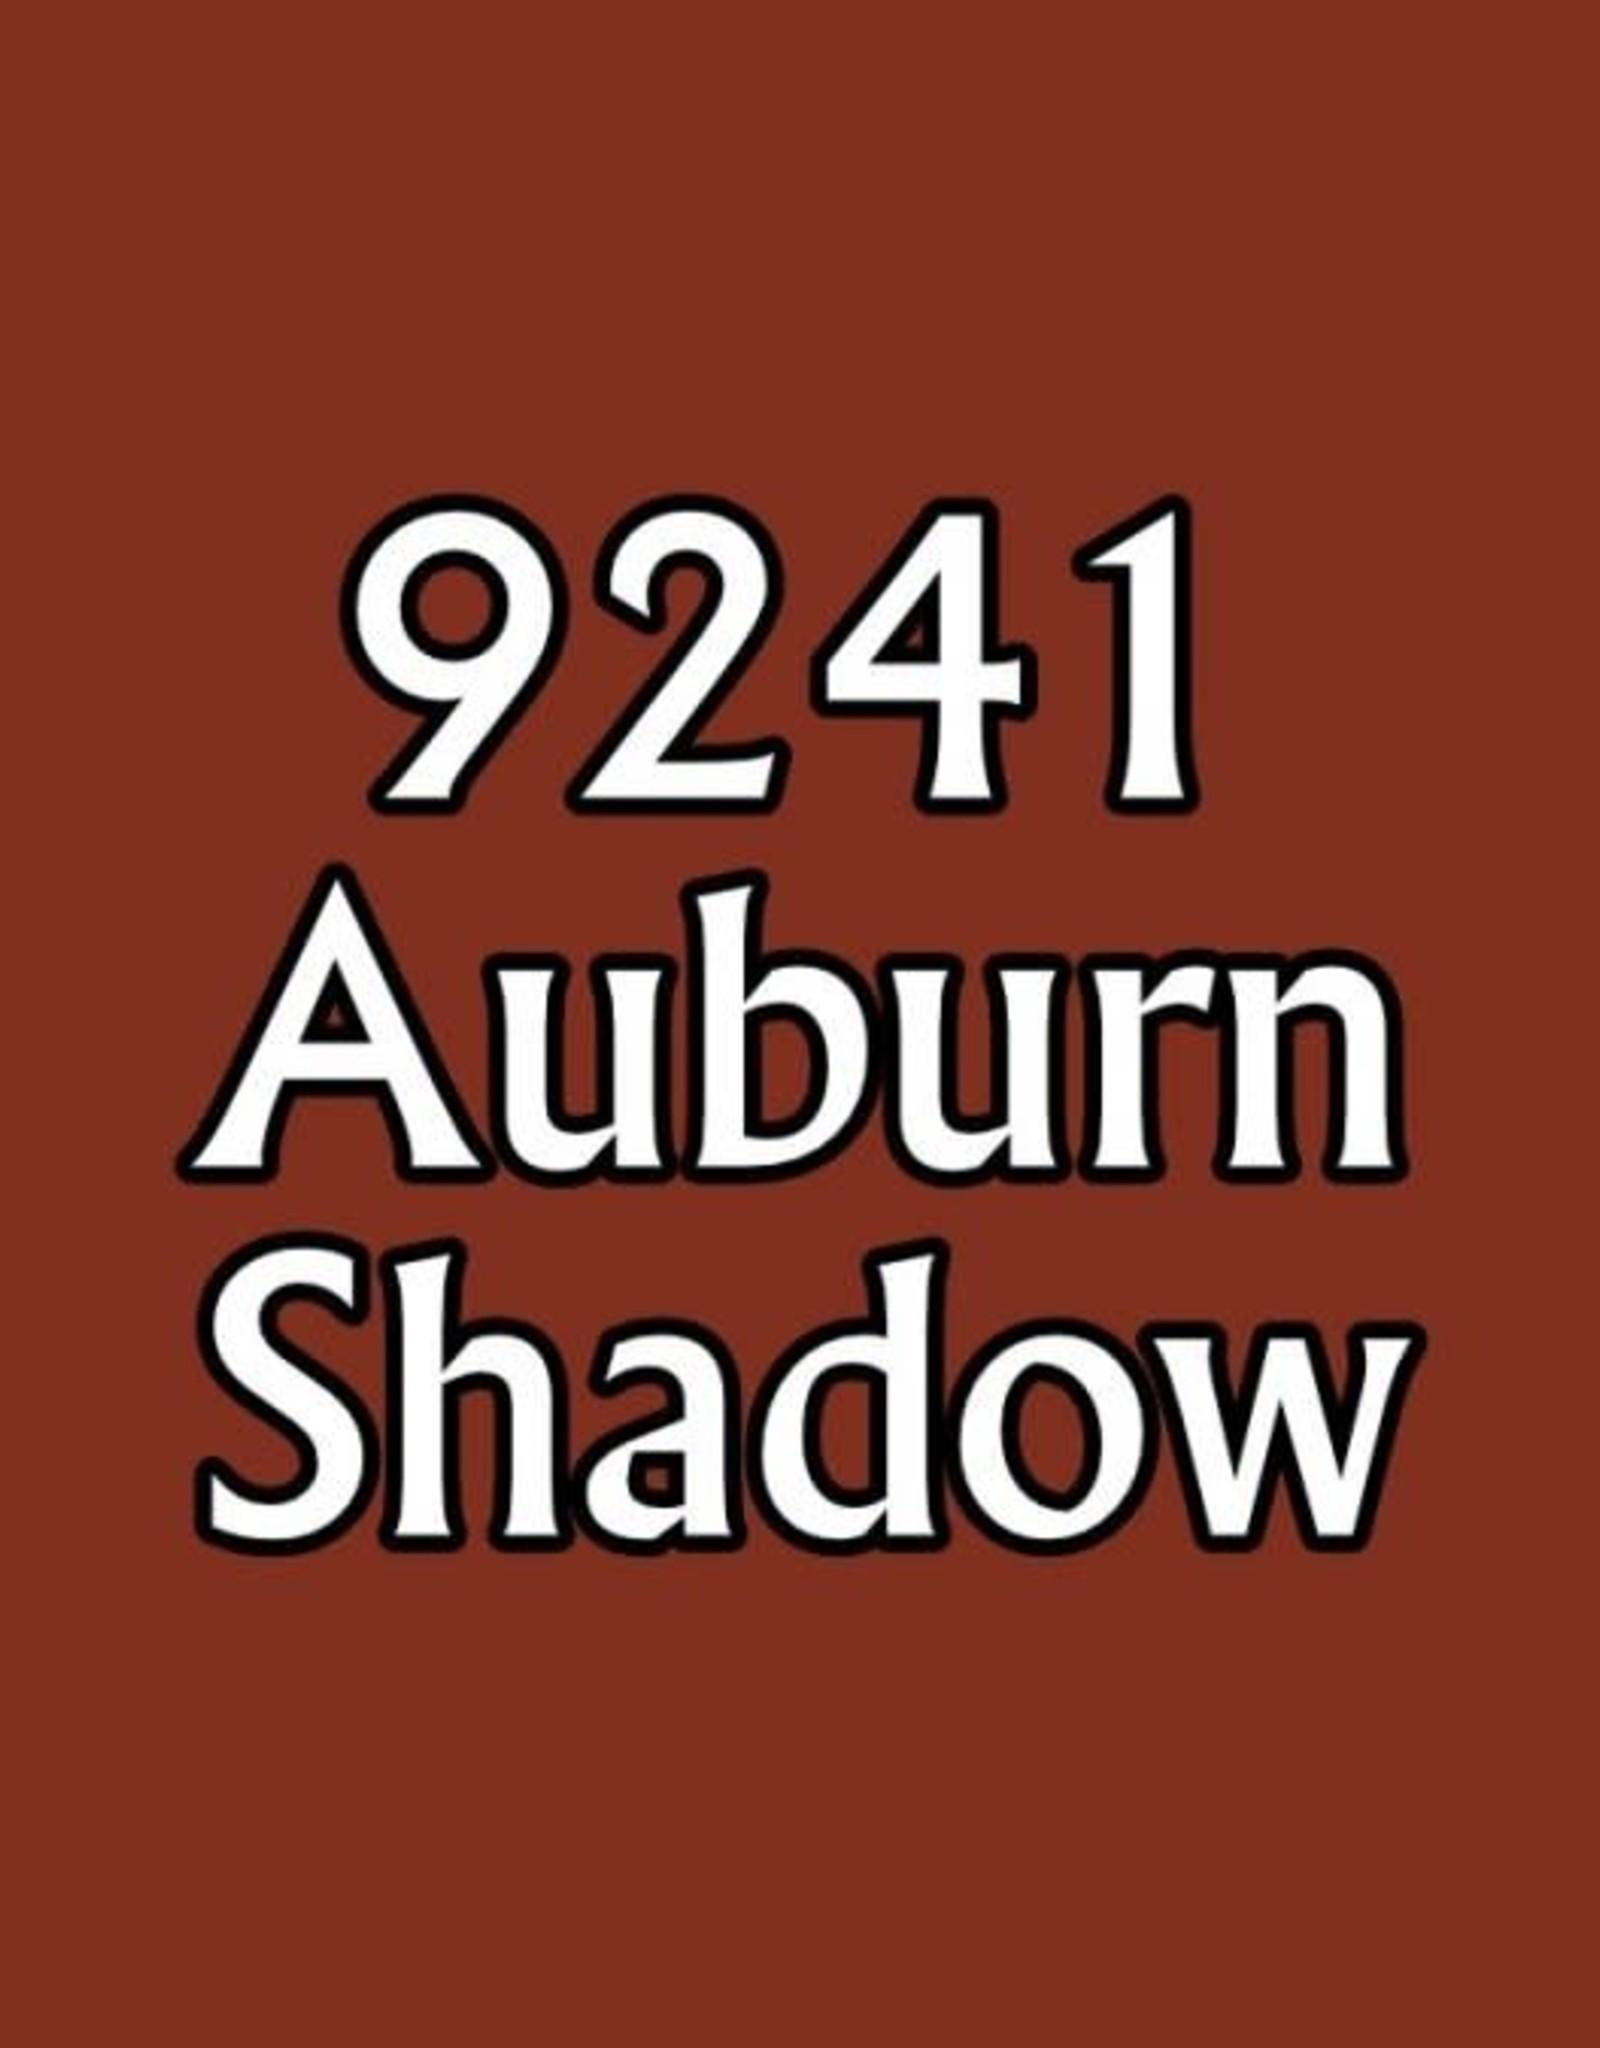 Reaper Auburn Shadow